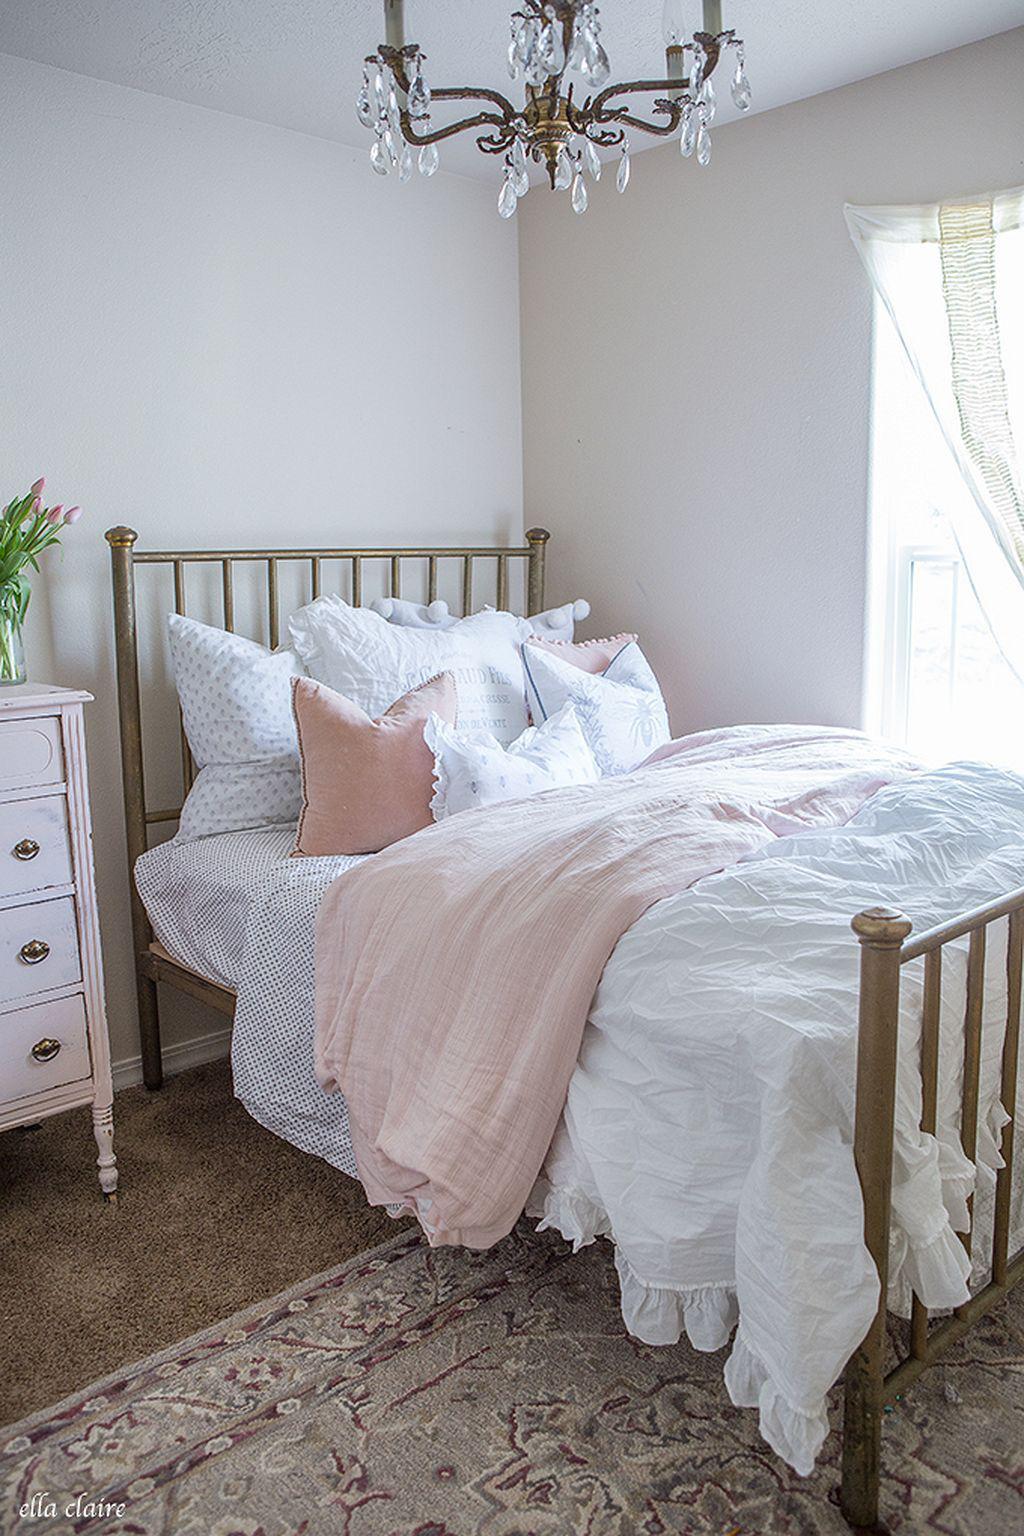 15 ý tưởng màu sắc phòng ngủ theo phong cách cổ điển ngọt ngào - Ảnh 7.